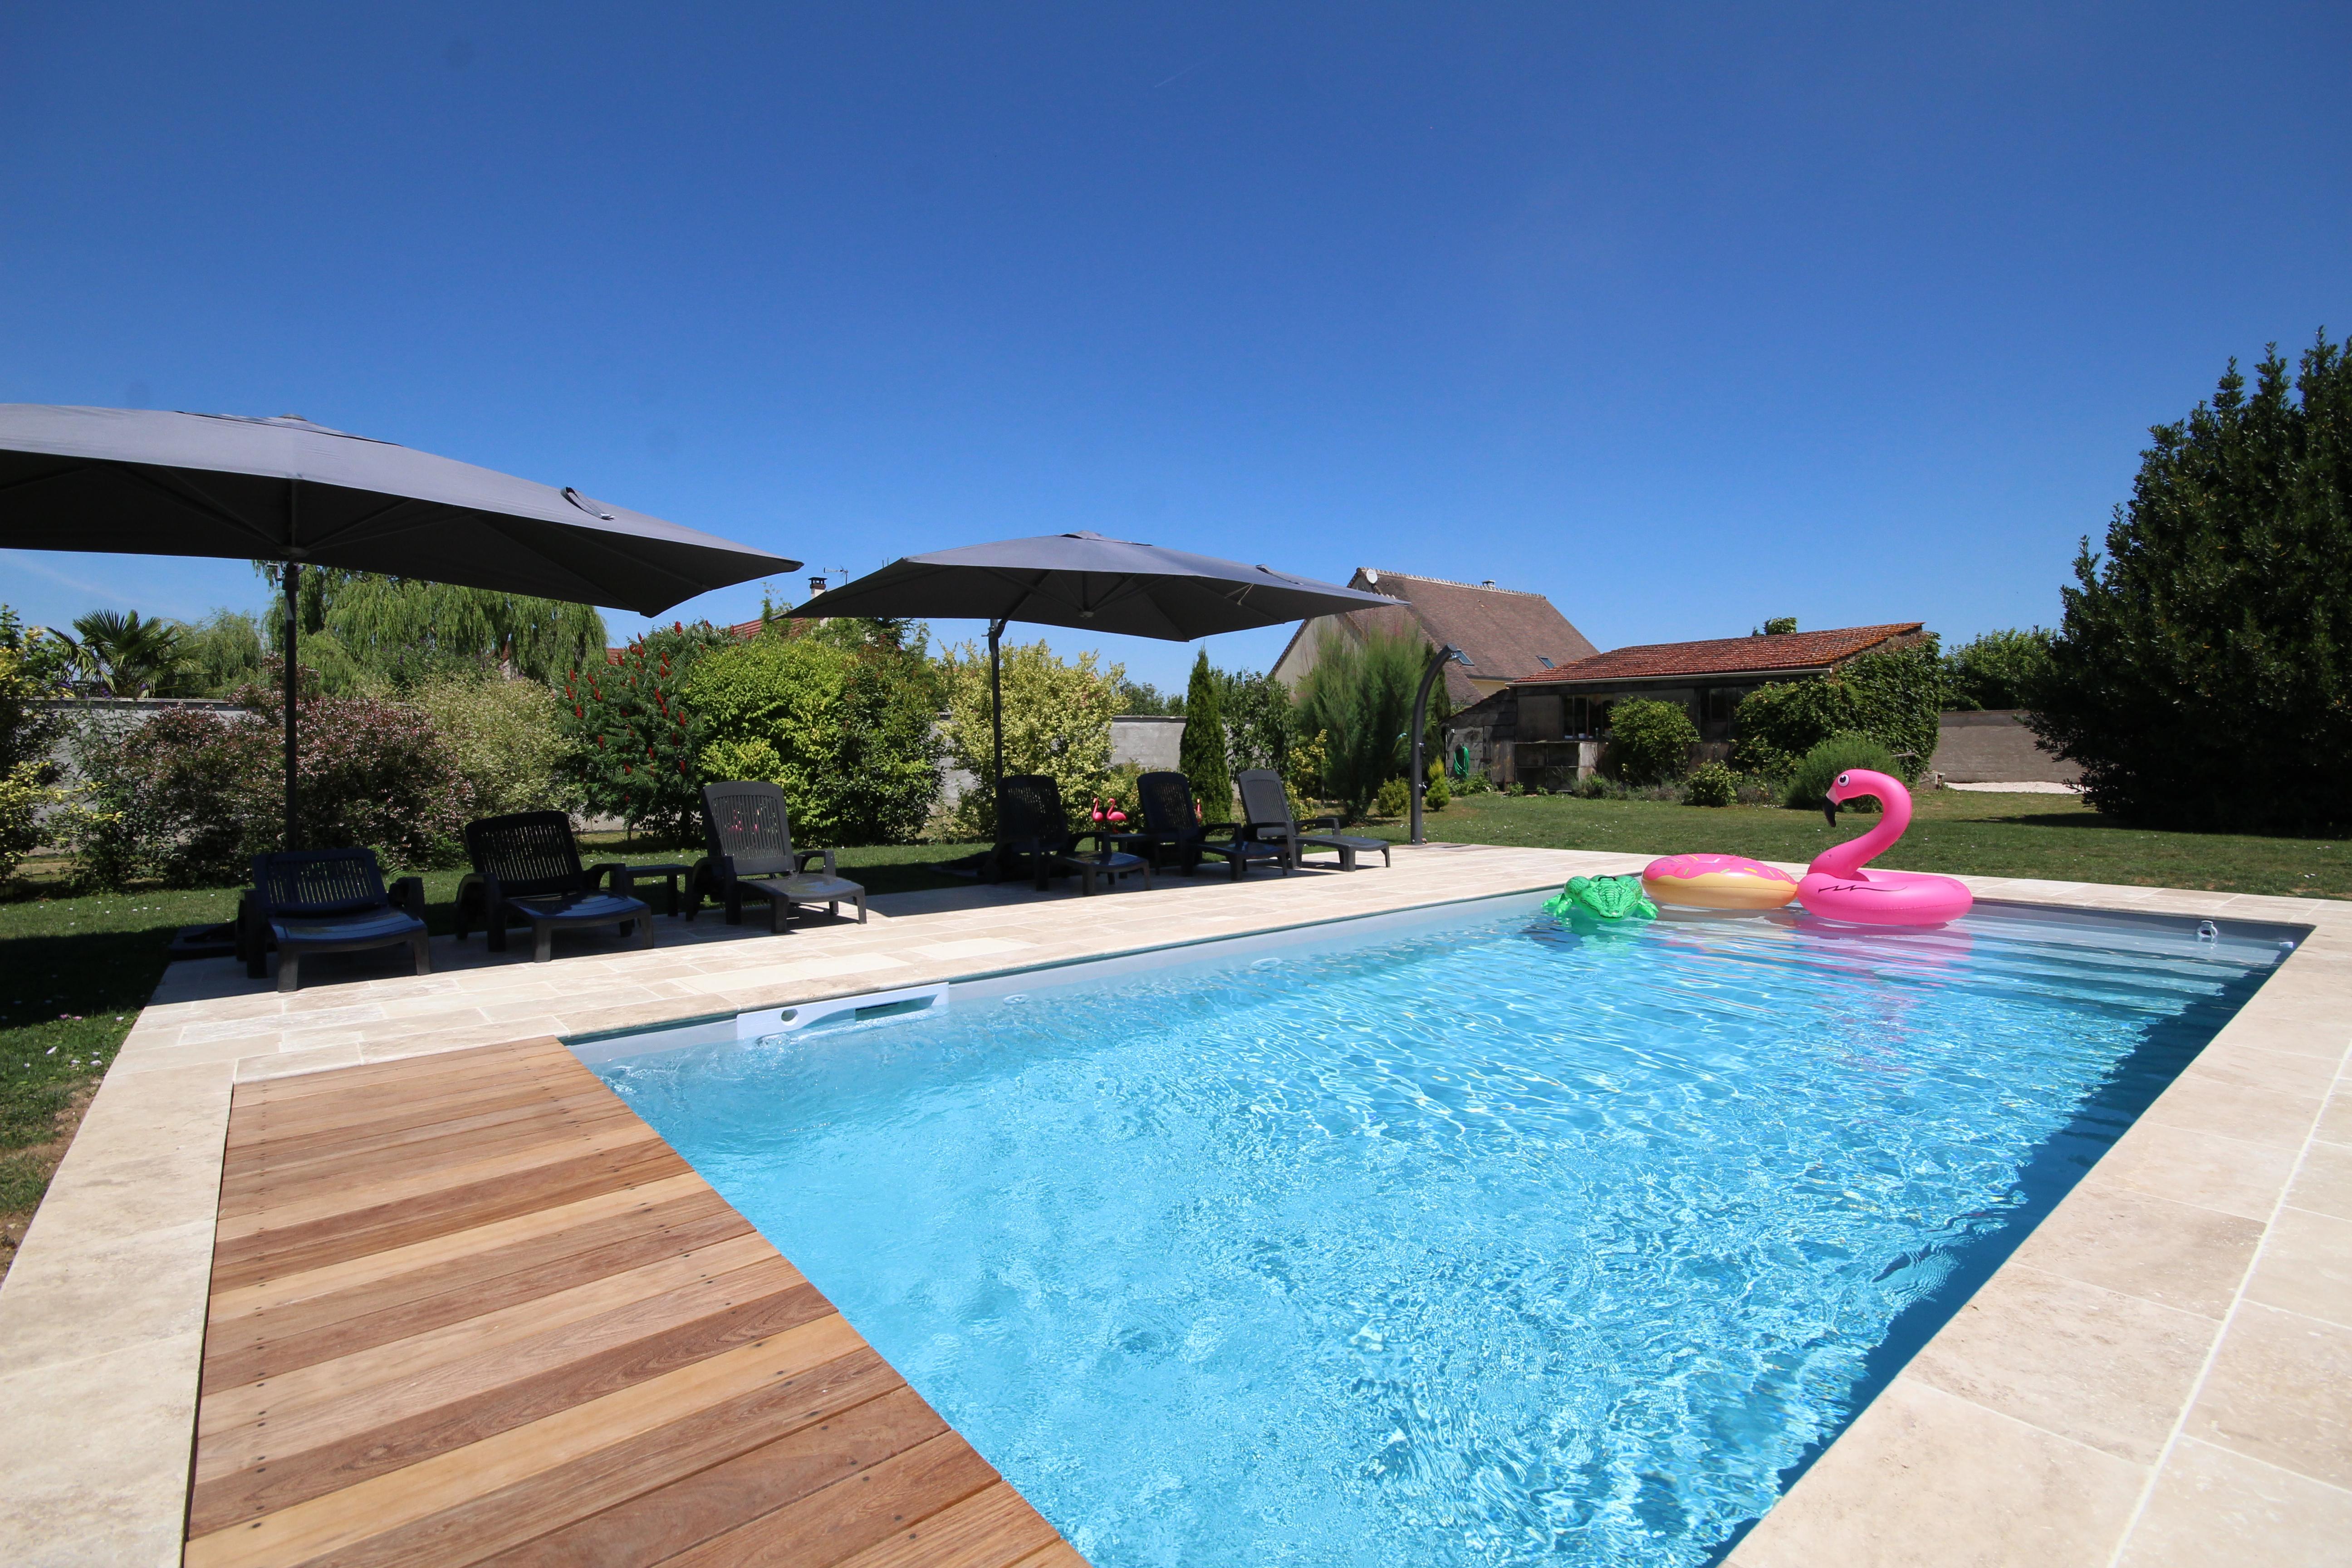 La terrasse en pierre de la piscine est équipé de parasols et transats.